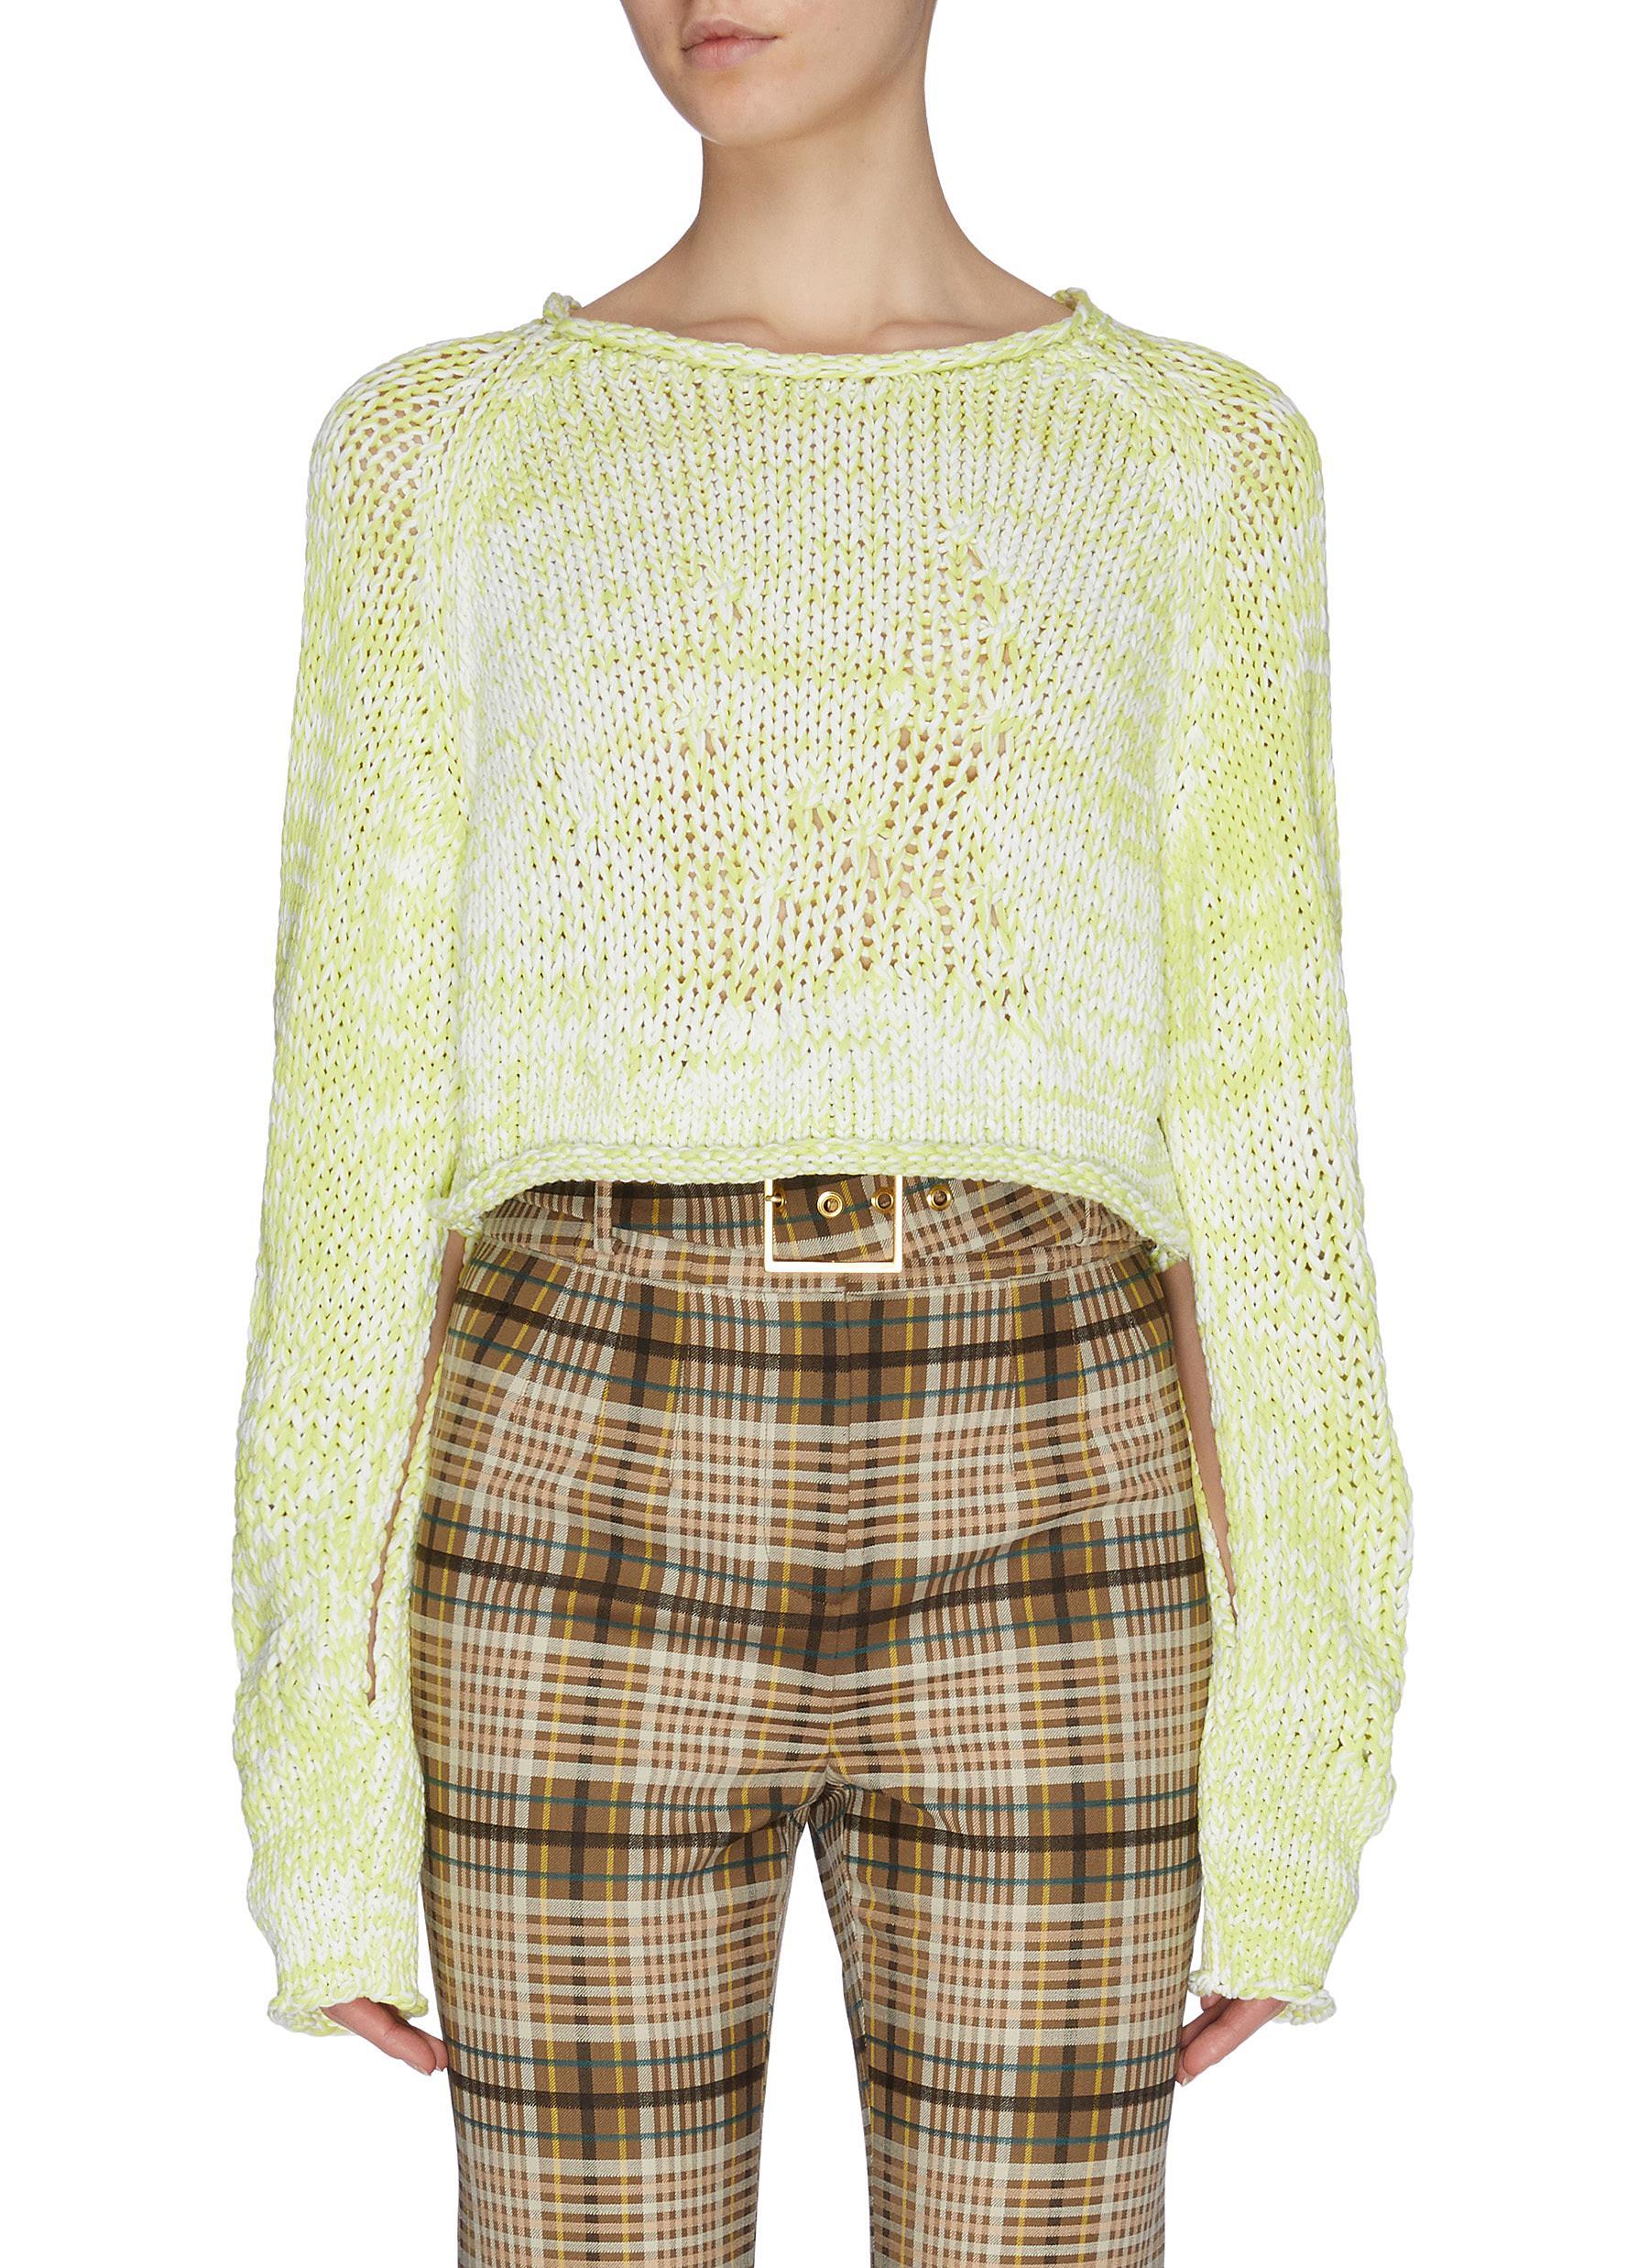 Buy Mrz Knitwear Contrast mouliné cropped sweater